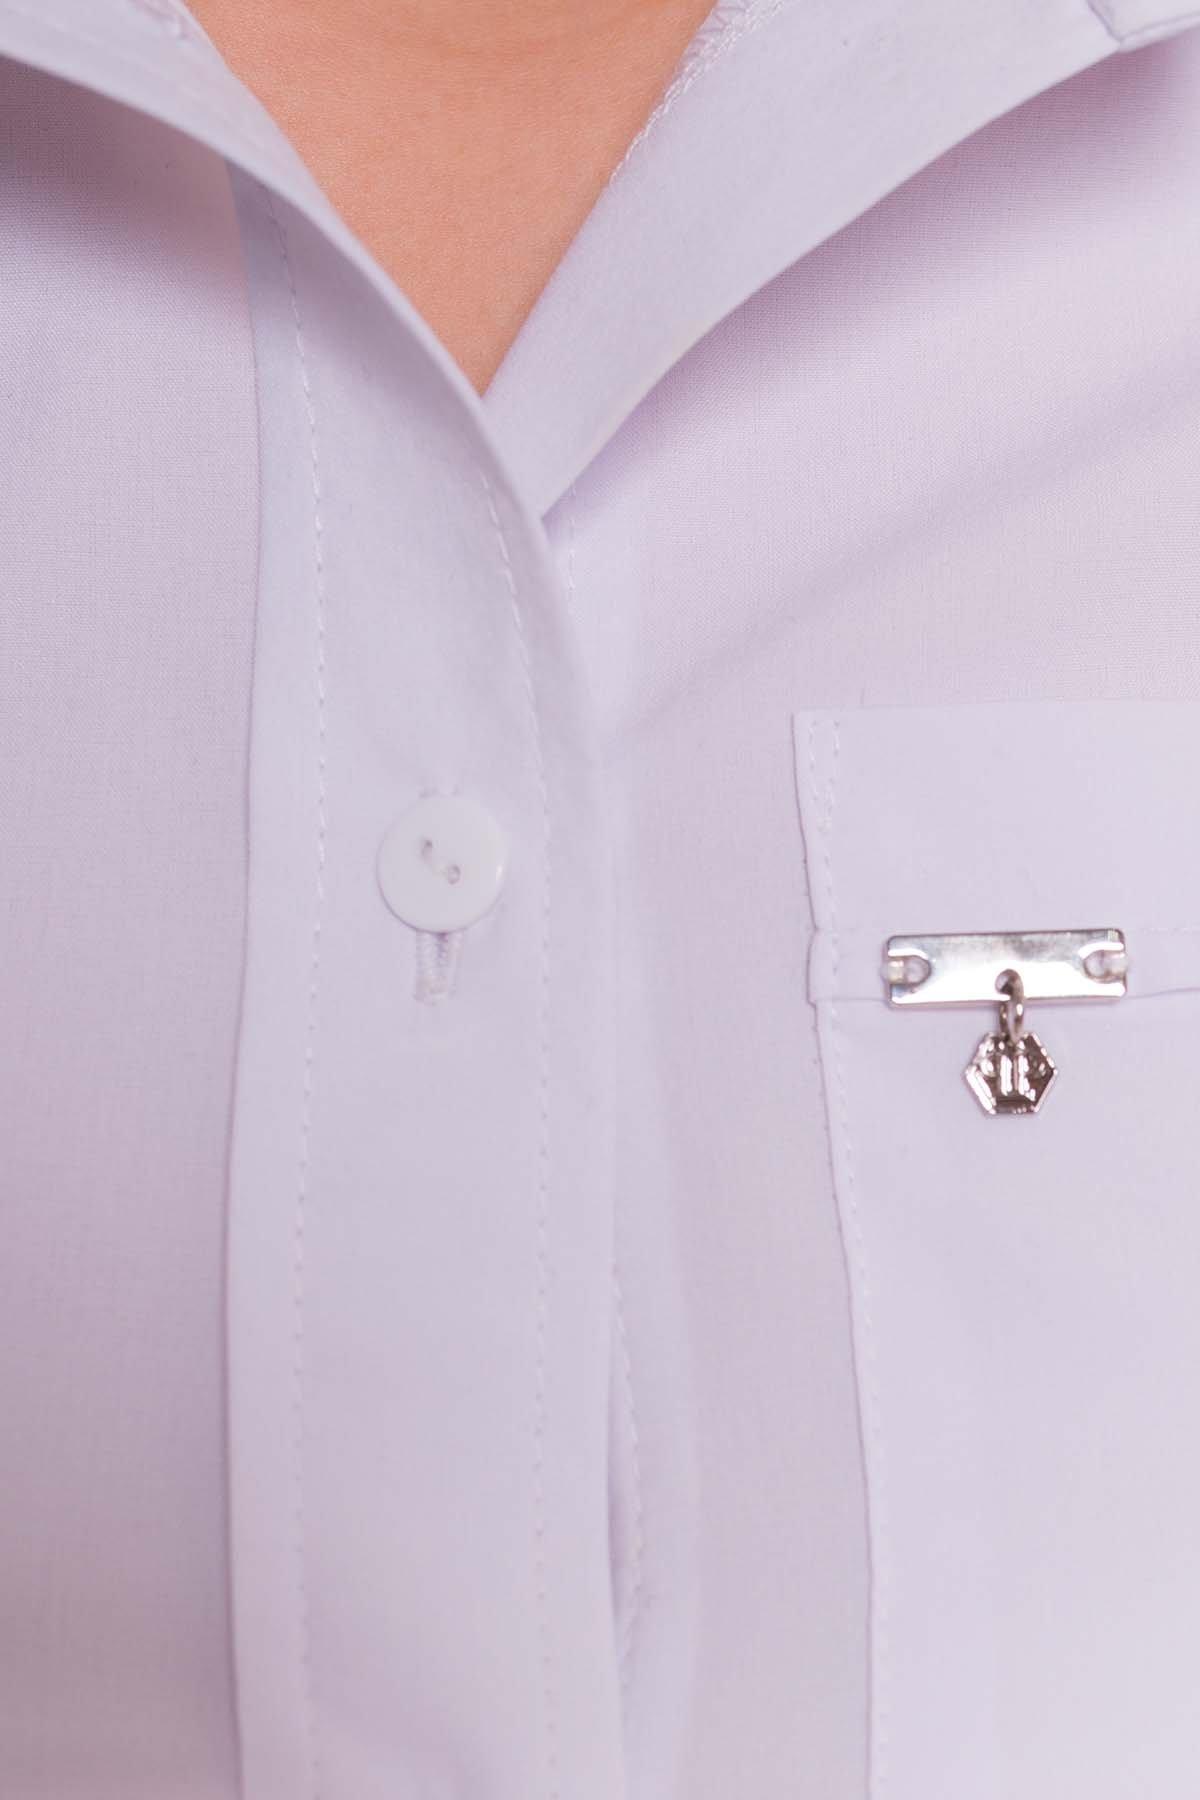 Белая блузка с накладным карманом Дженна 5285 АРТ. 36526 Цвет: Белый - фото 8, интернет магазин tm-modus.ru